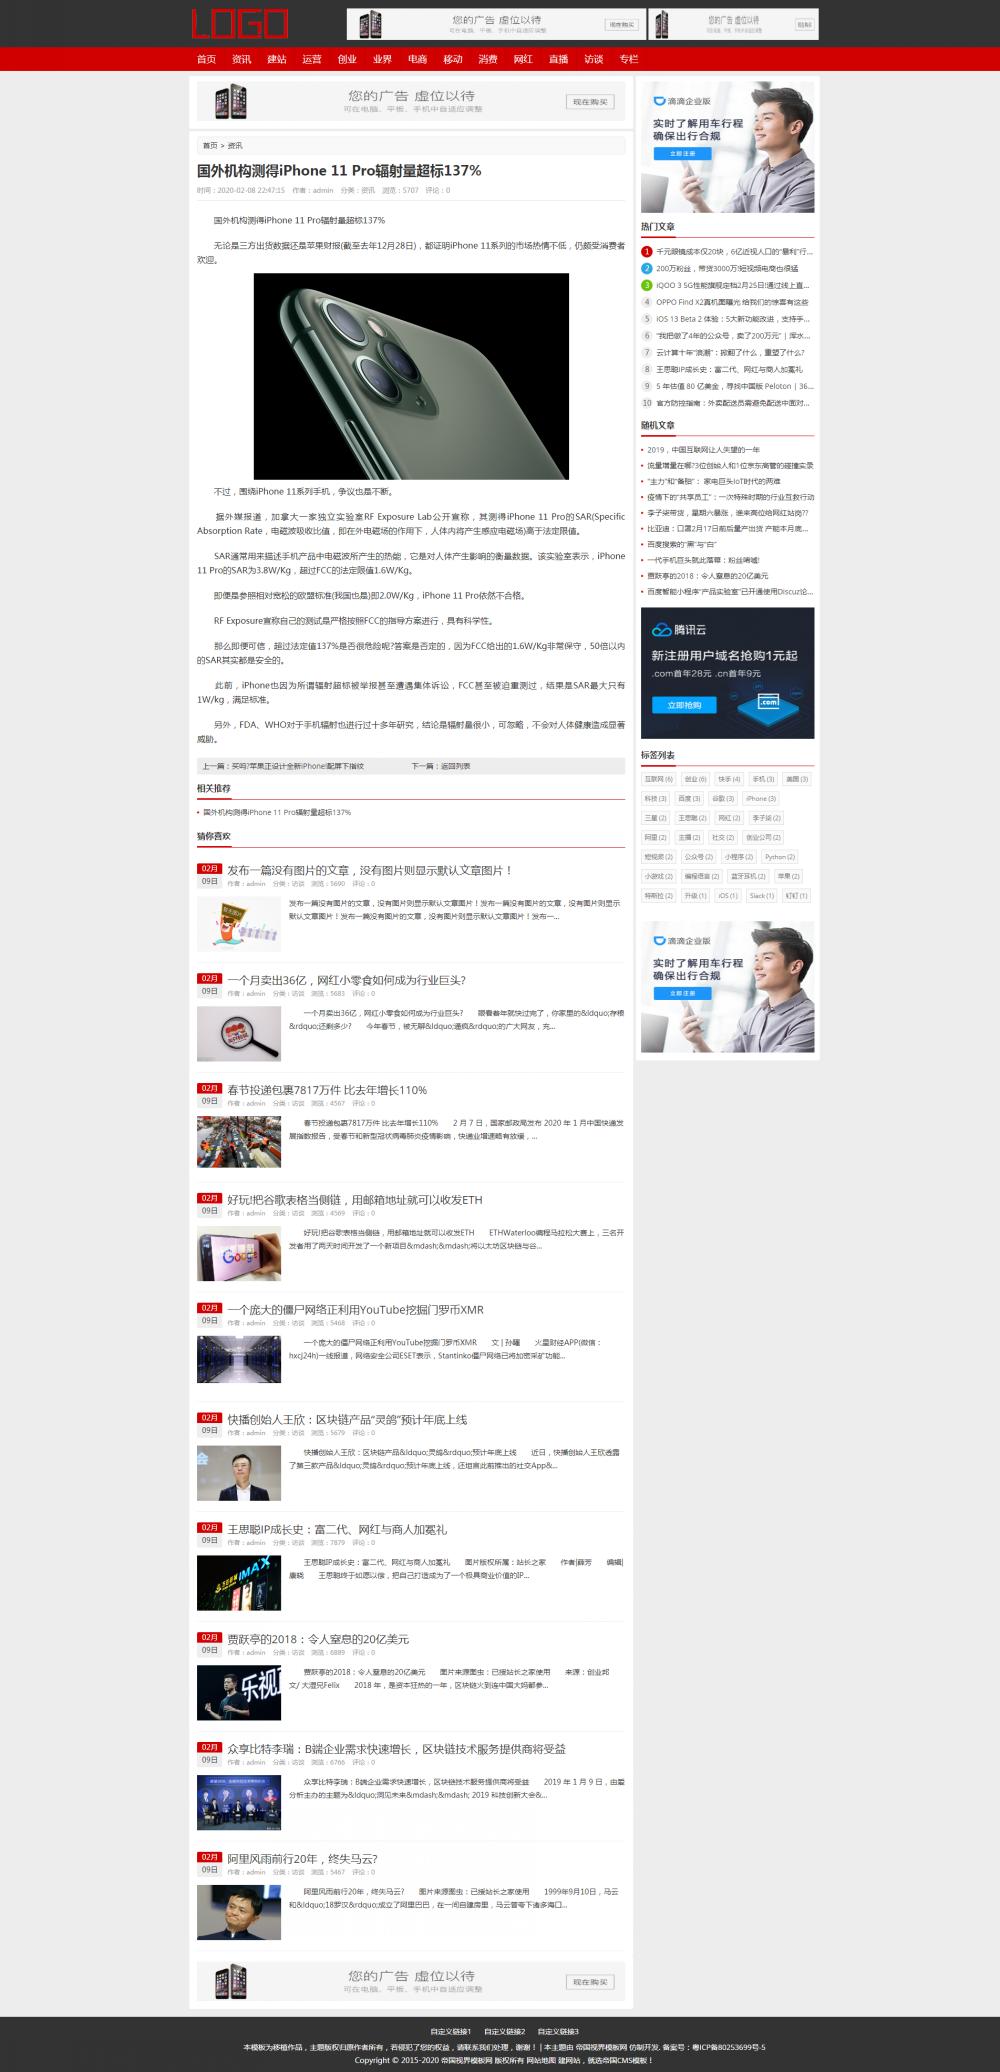 内容页.png [DG-068]帝国CMS自适应经典深红色文章新闻资讯文章模板 新闻资讯 第3张